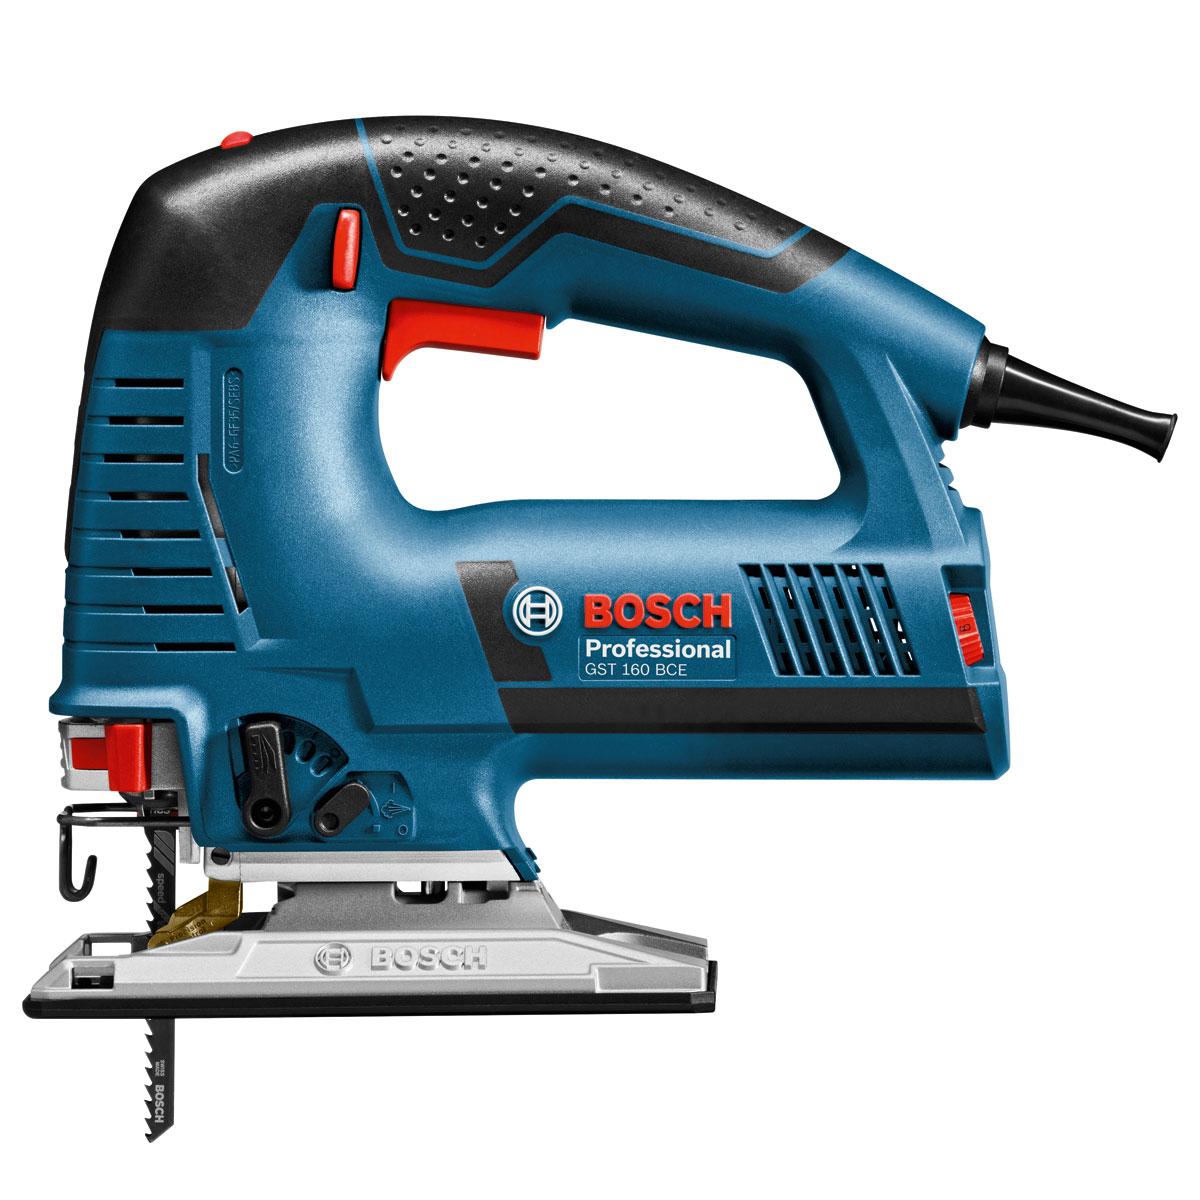 Лобзик Bosch 601518001 gst 160 bce